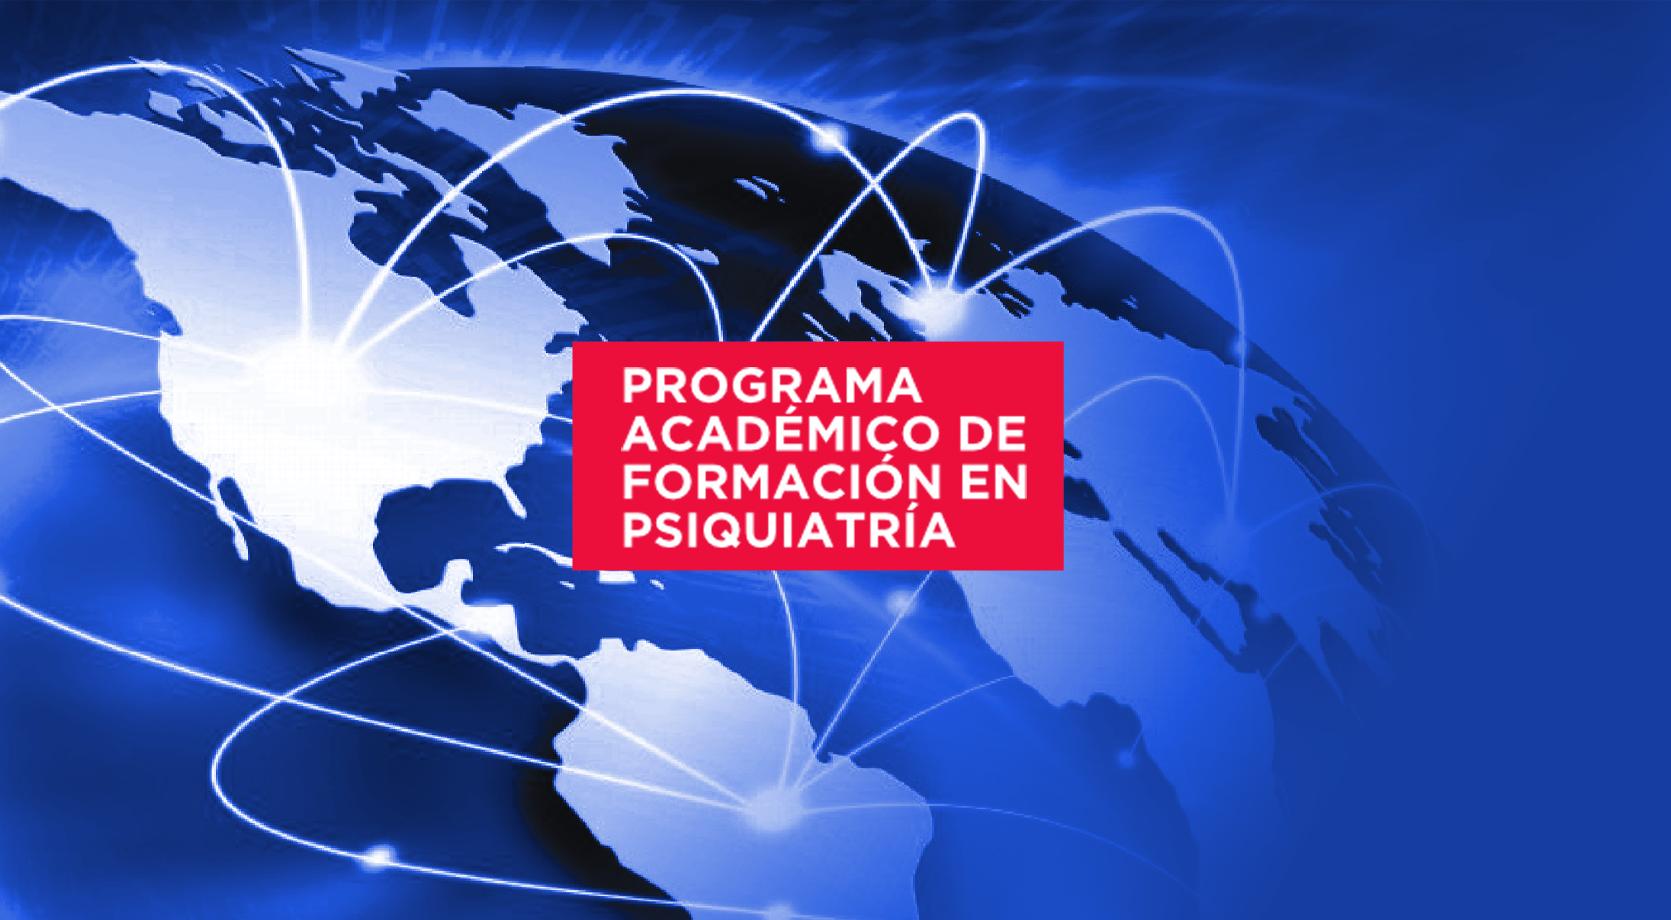 Programa Academico de Formación en Psiquiatría